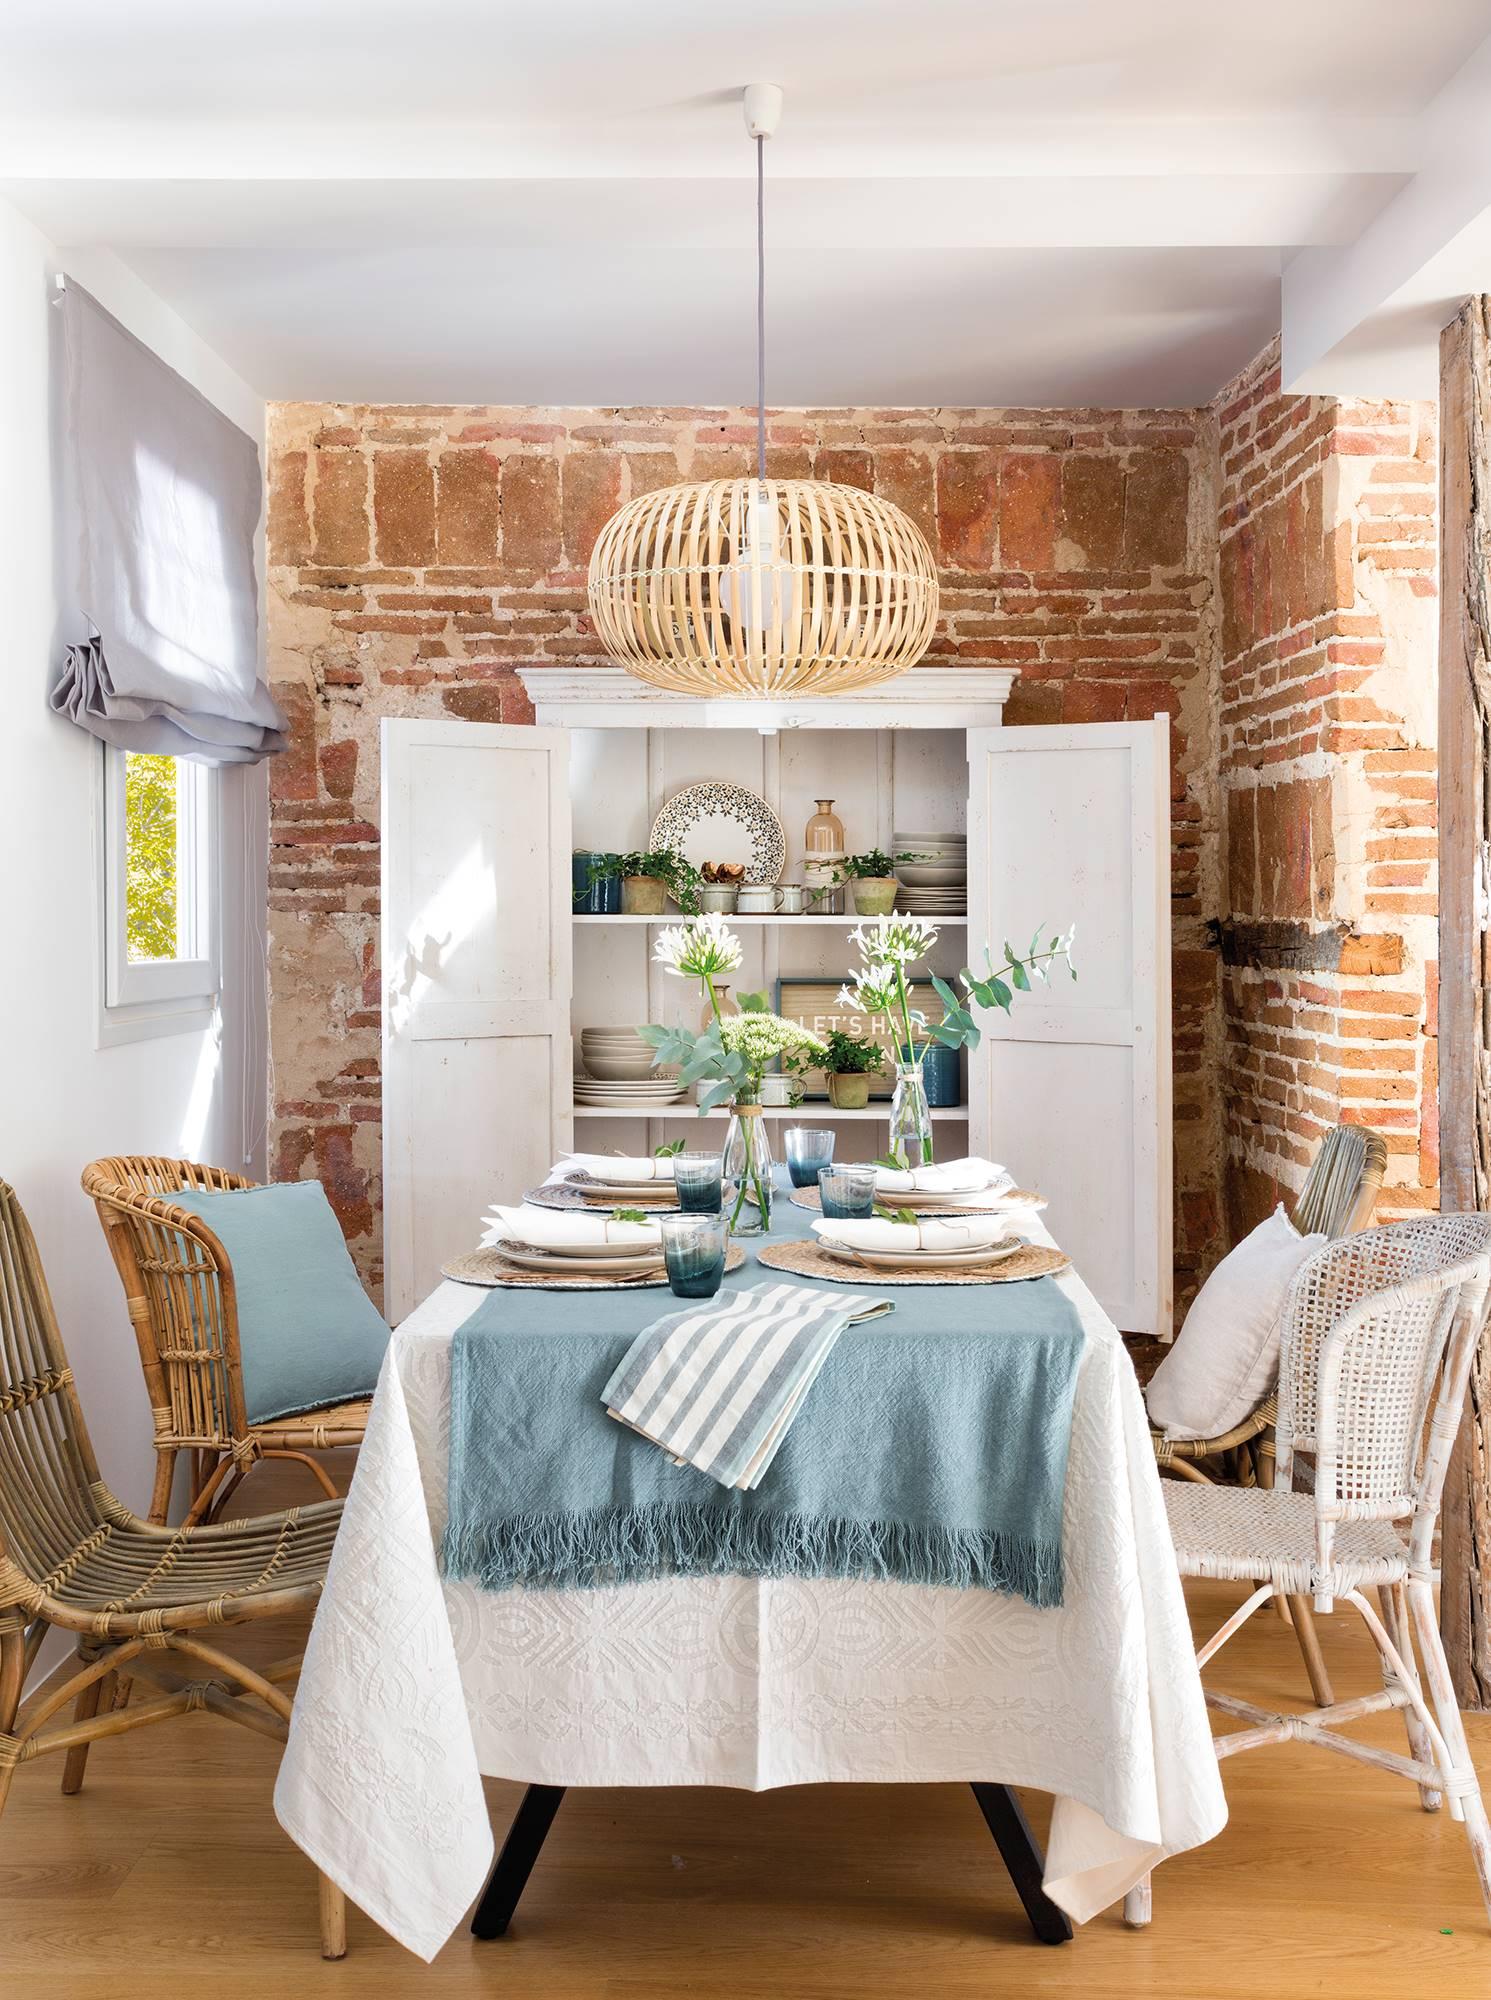 Ideas para aprovechar el espacio en las cocinas peque as for Ideas decoracion comedor